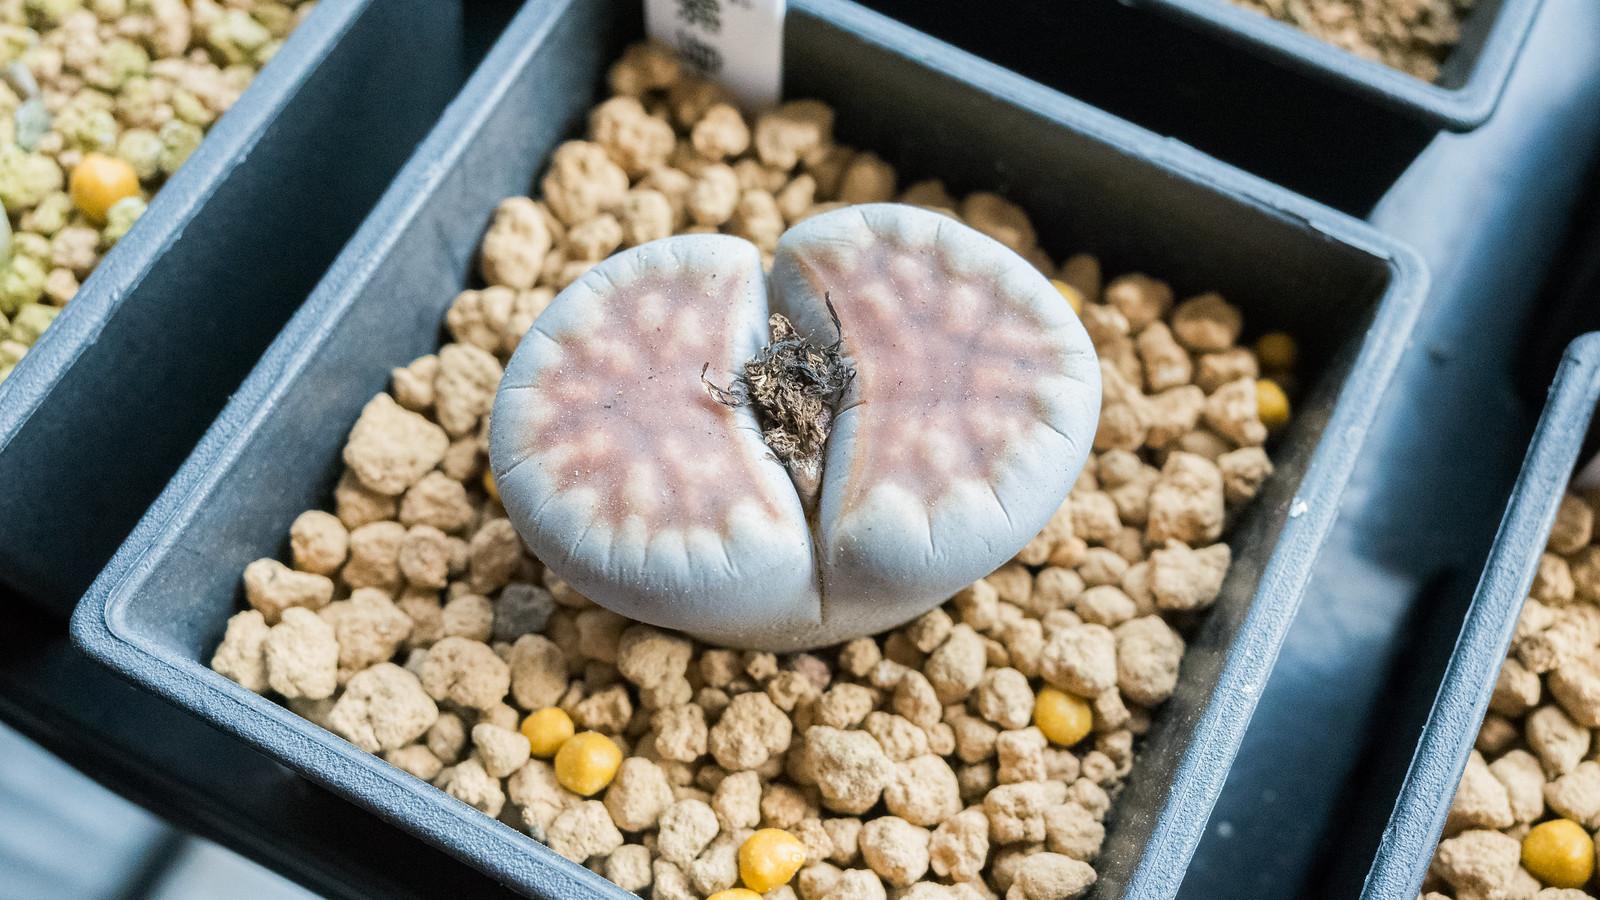 再次挑戰石頭玉 – 石頭玉 (C) 成長紀錄